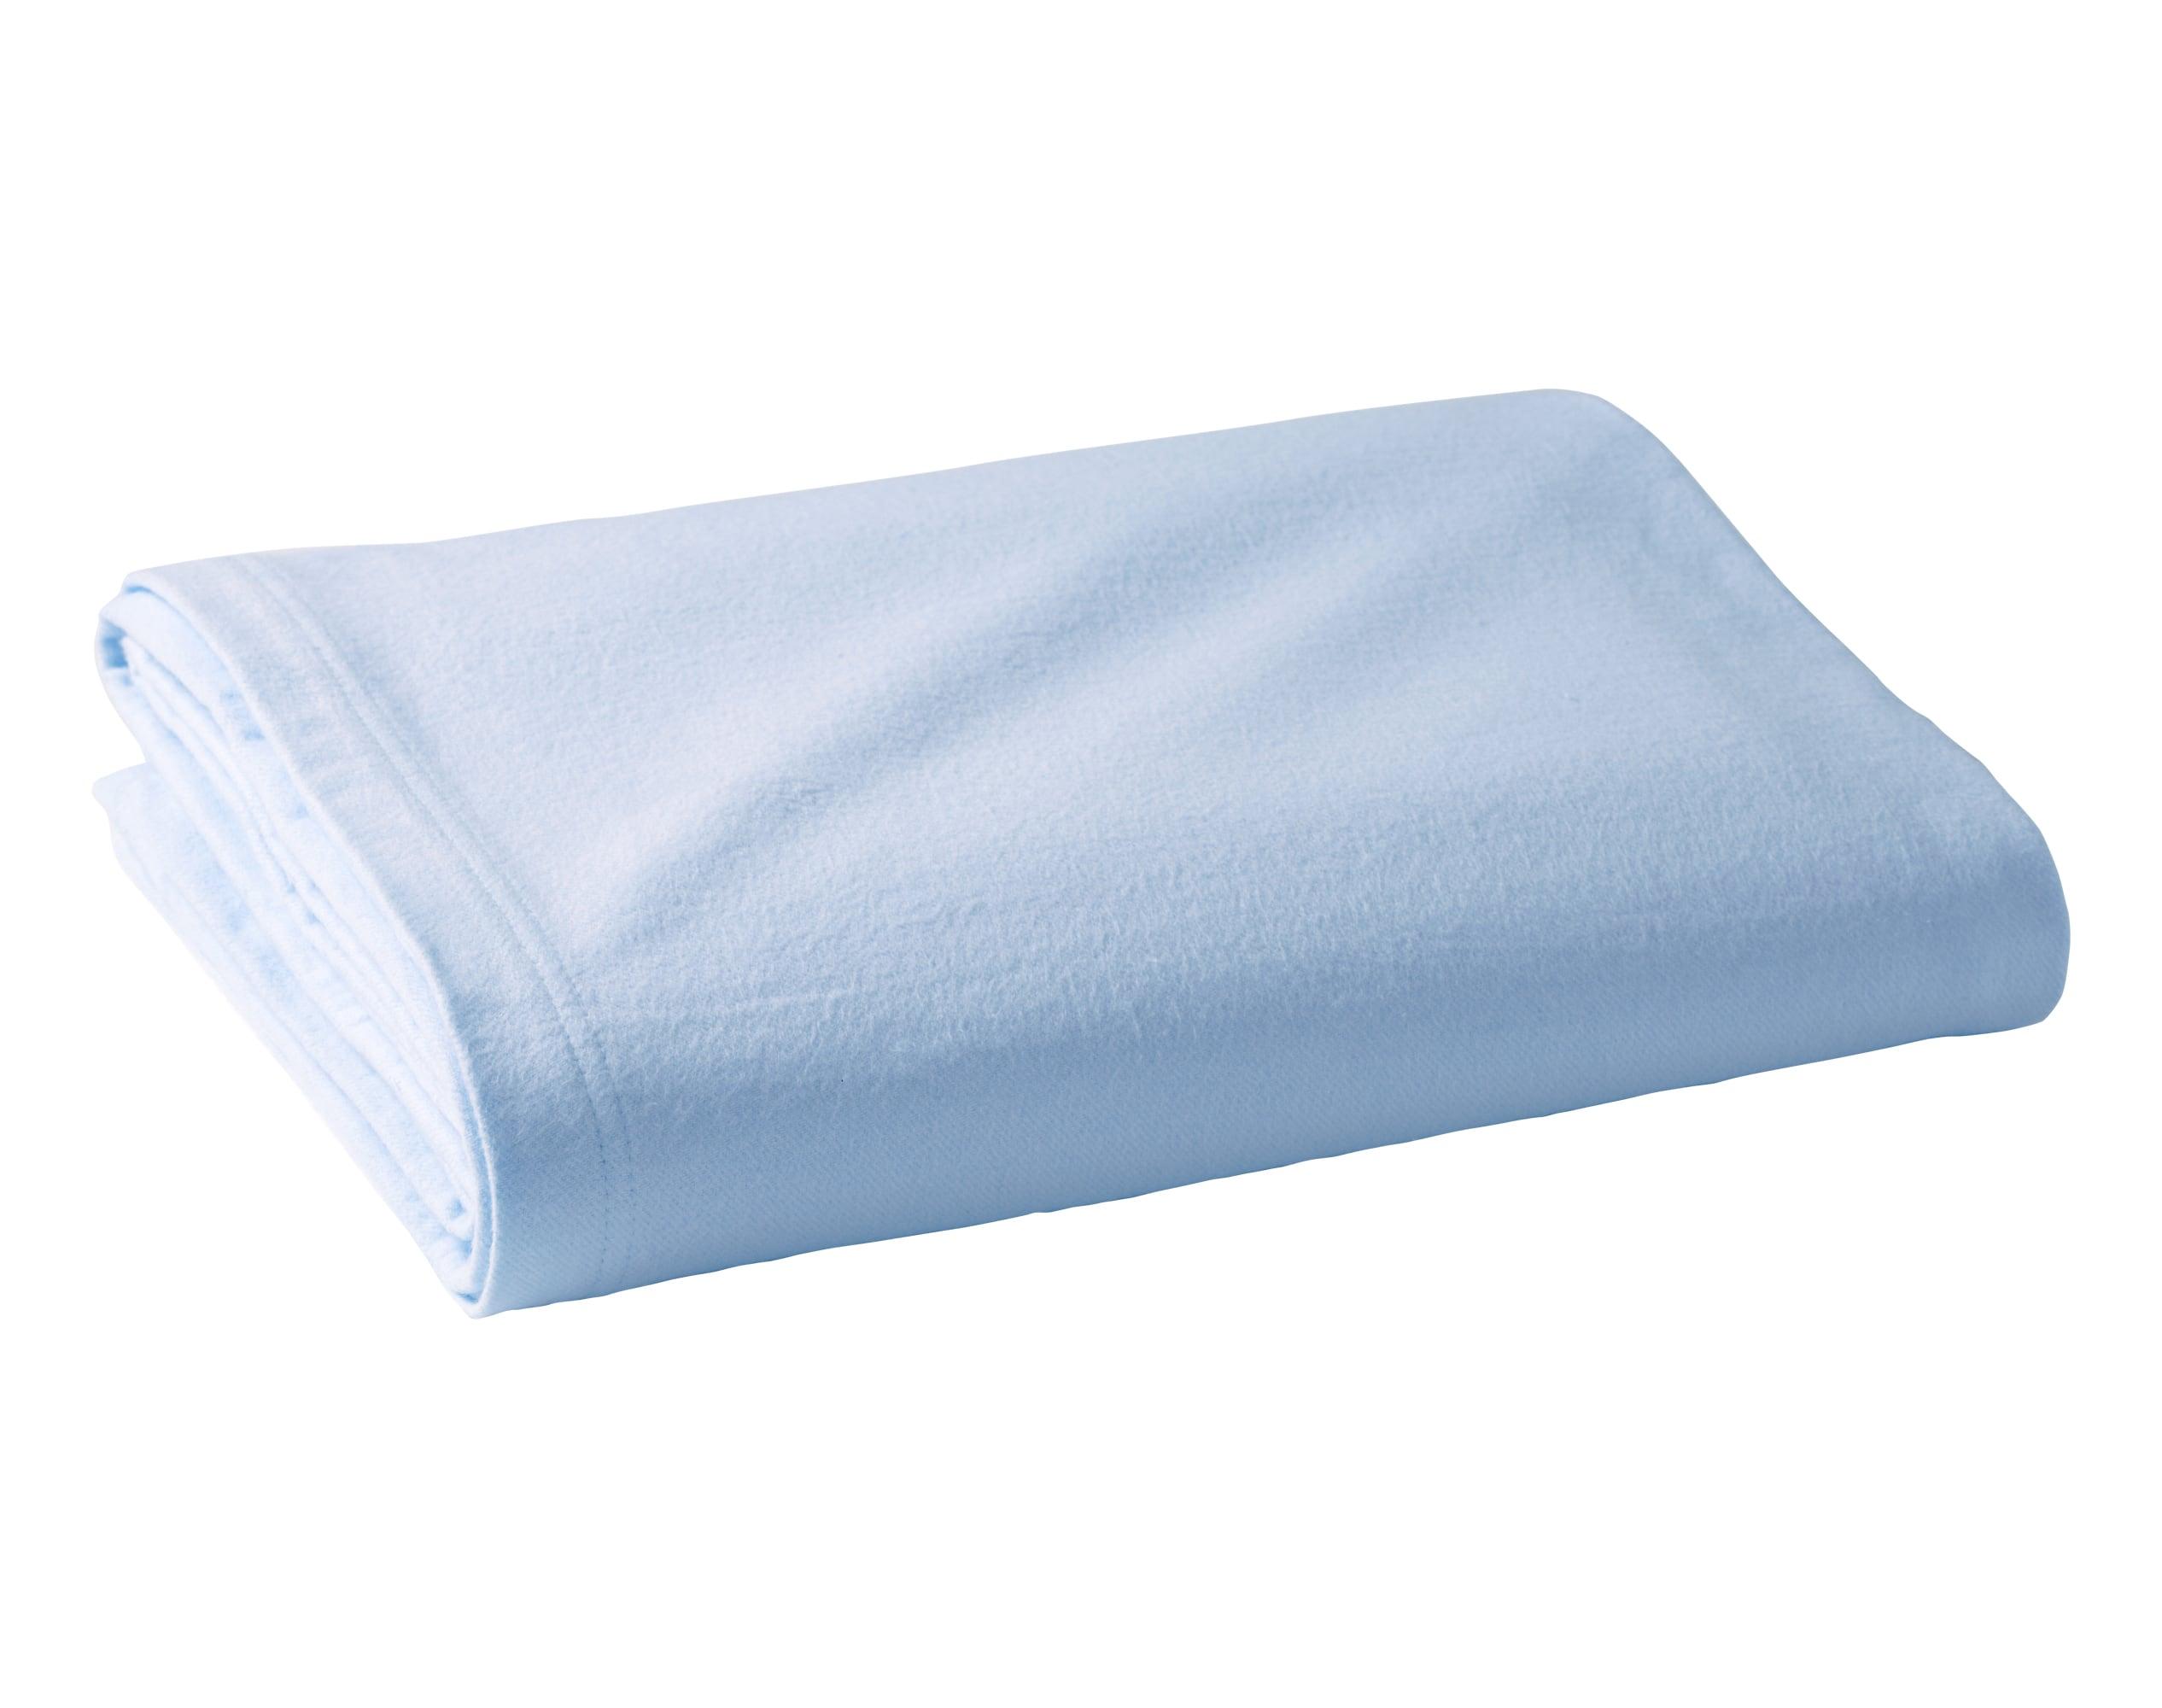 Couverture d'été 180x240 bleue en coton